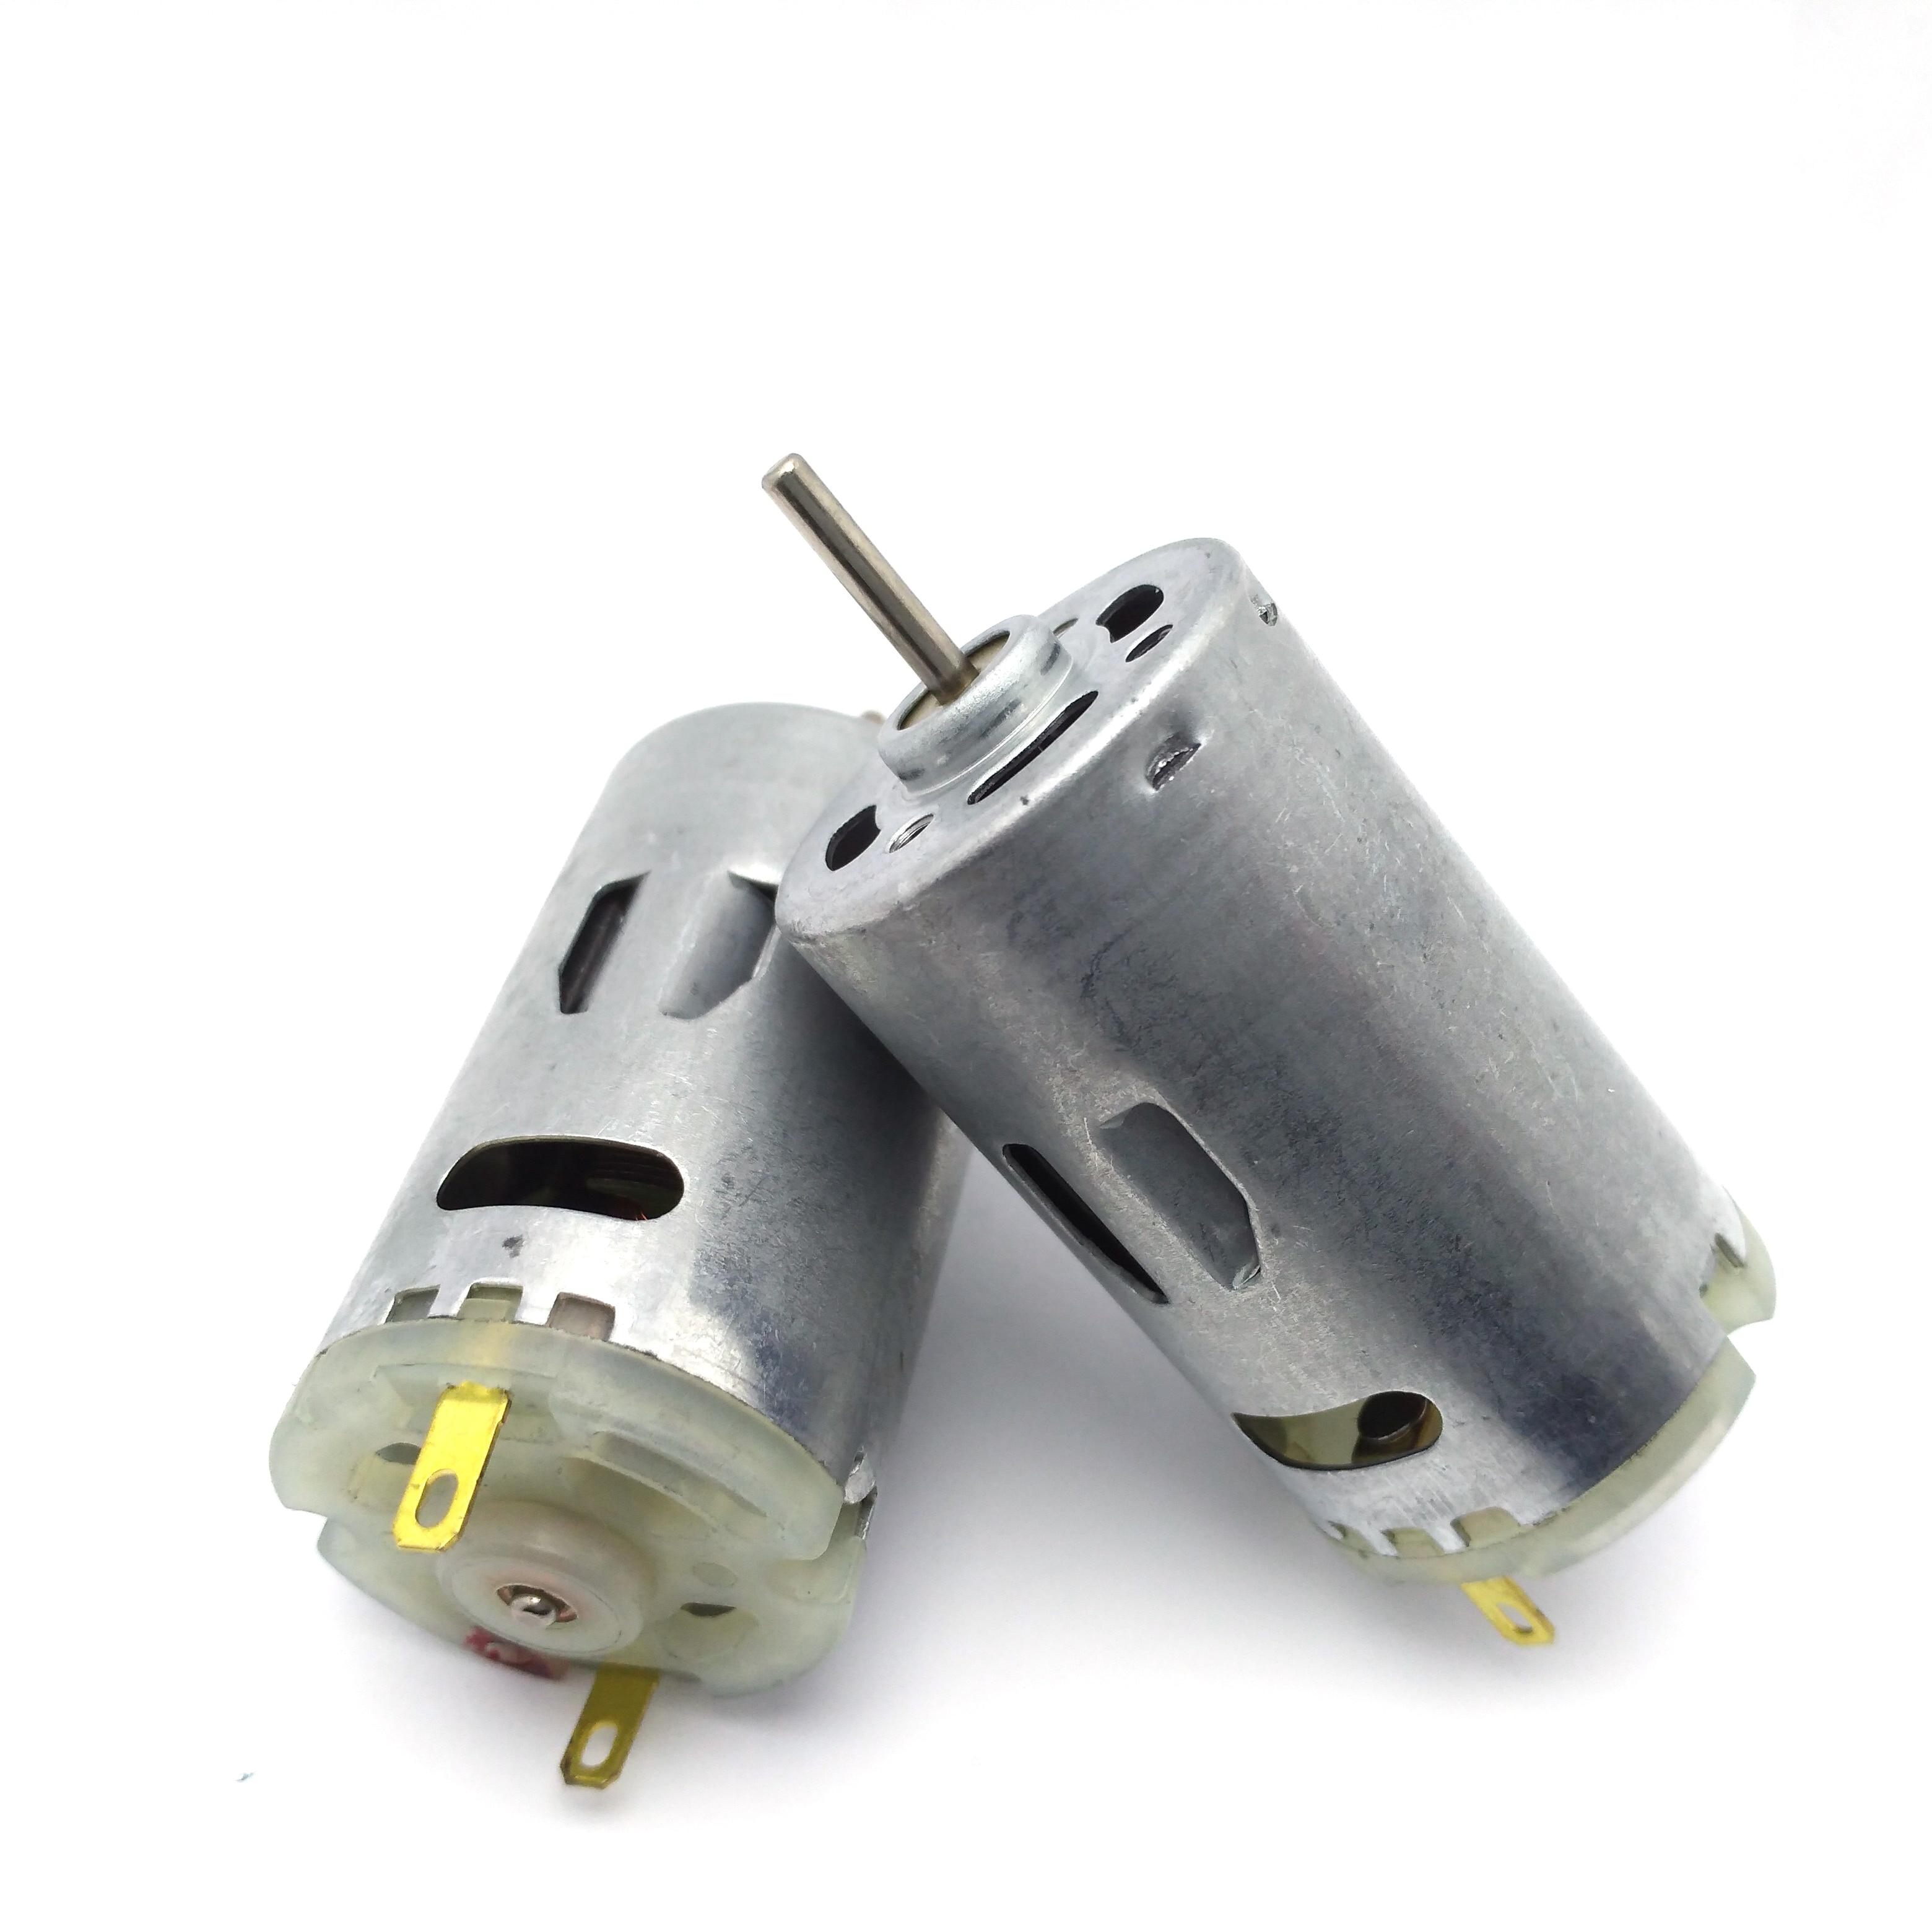 12 Volt 24 V Mini Motor RS395 Electric DC 6V - 24V High Speed 7500/15000rpm Motors DIY Toys Home Appliance 12V Moter rs 395